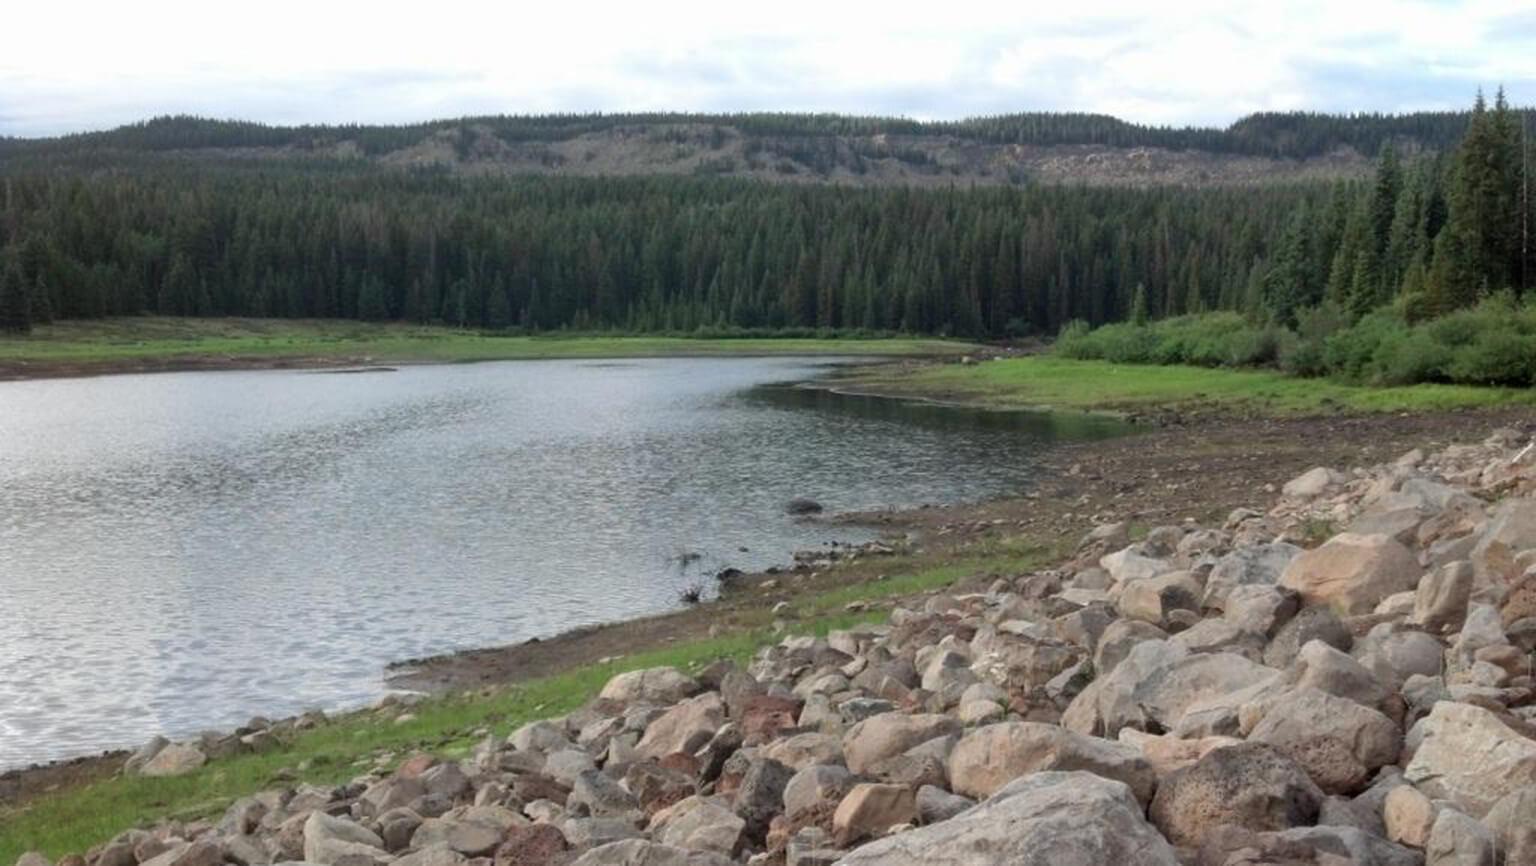 Bull Creek Ditch Company – Bull Creek Dam Repair and Vegetation Monitoring